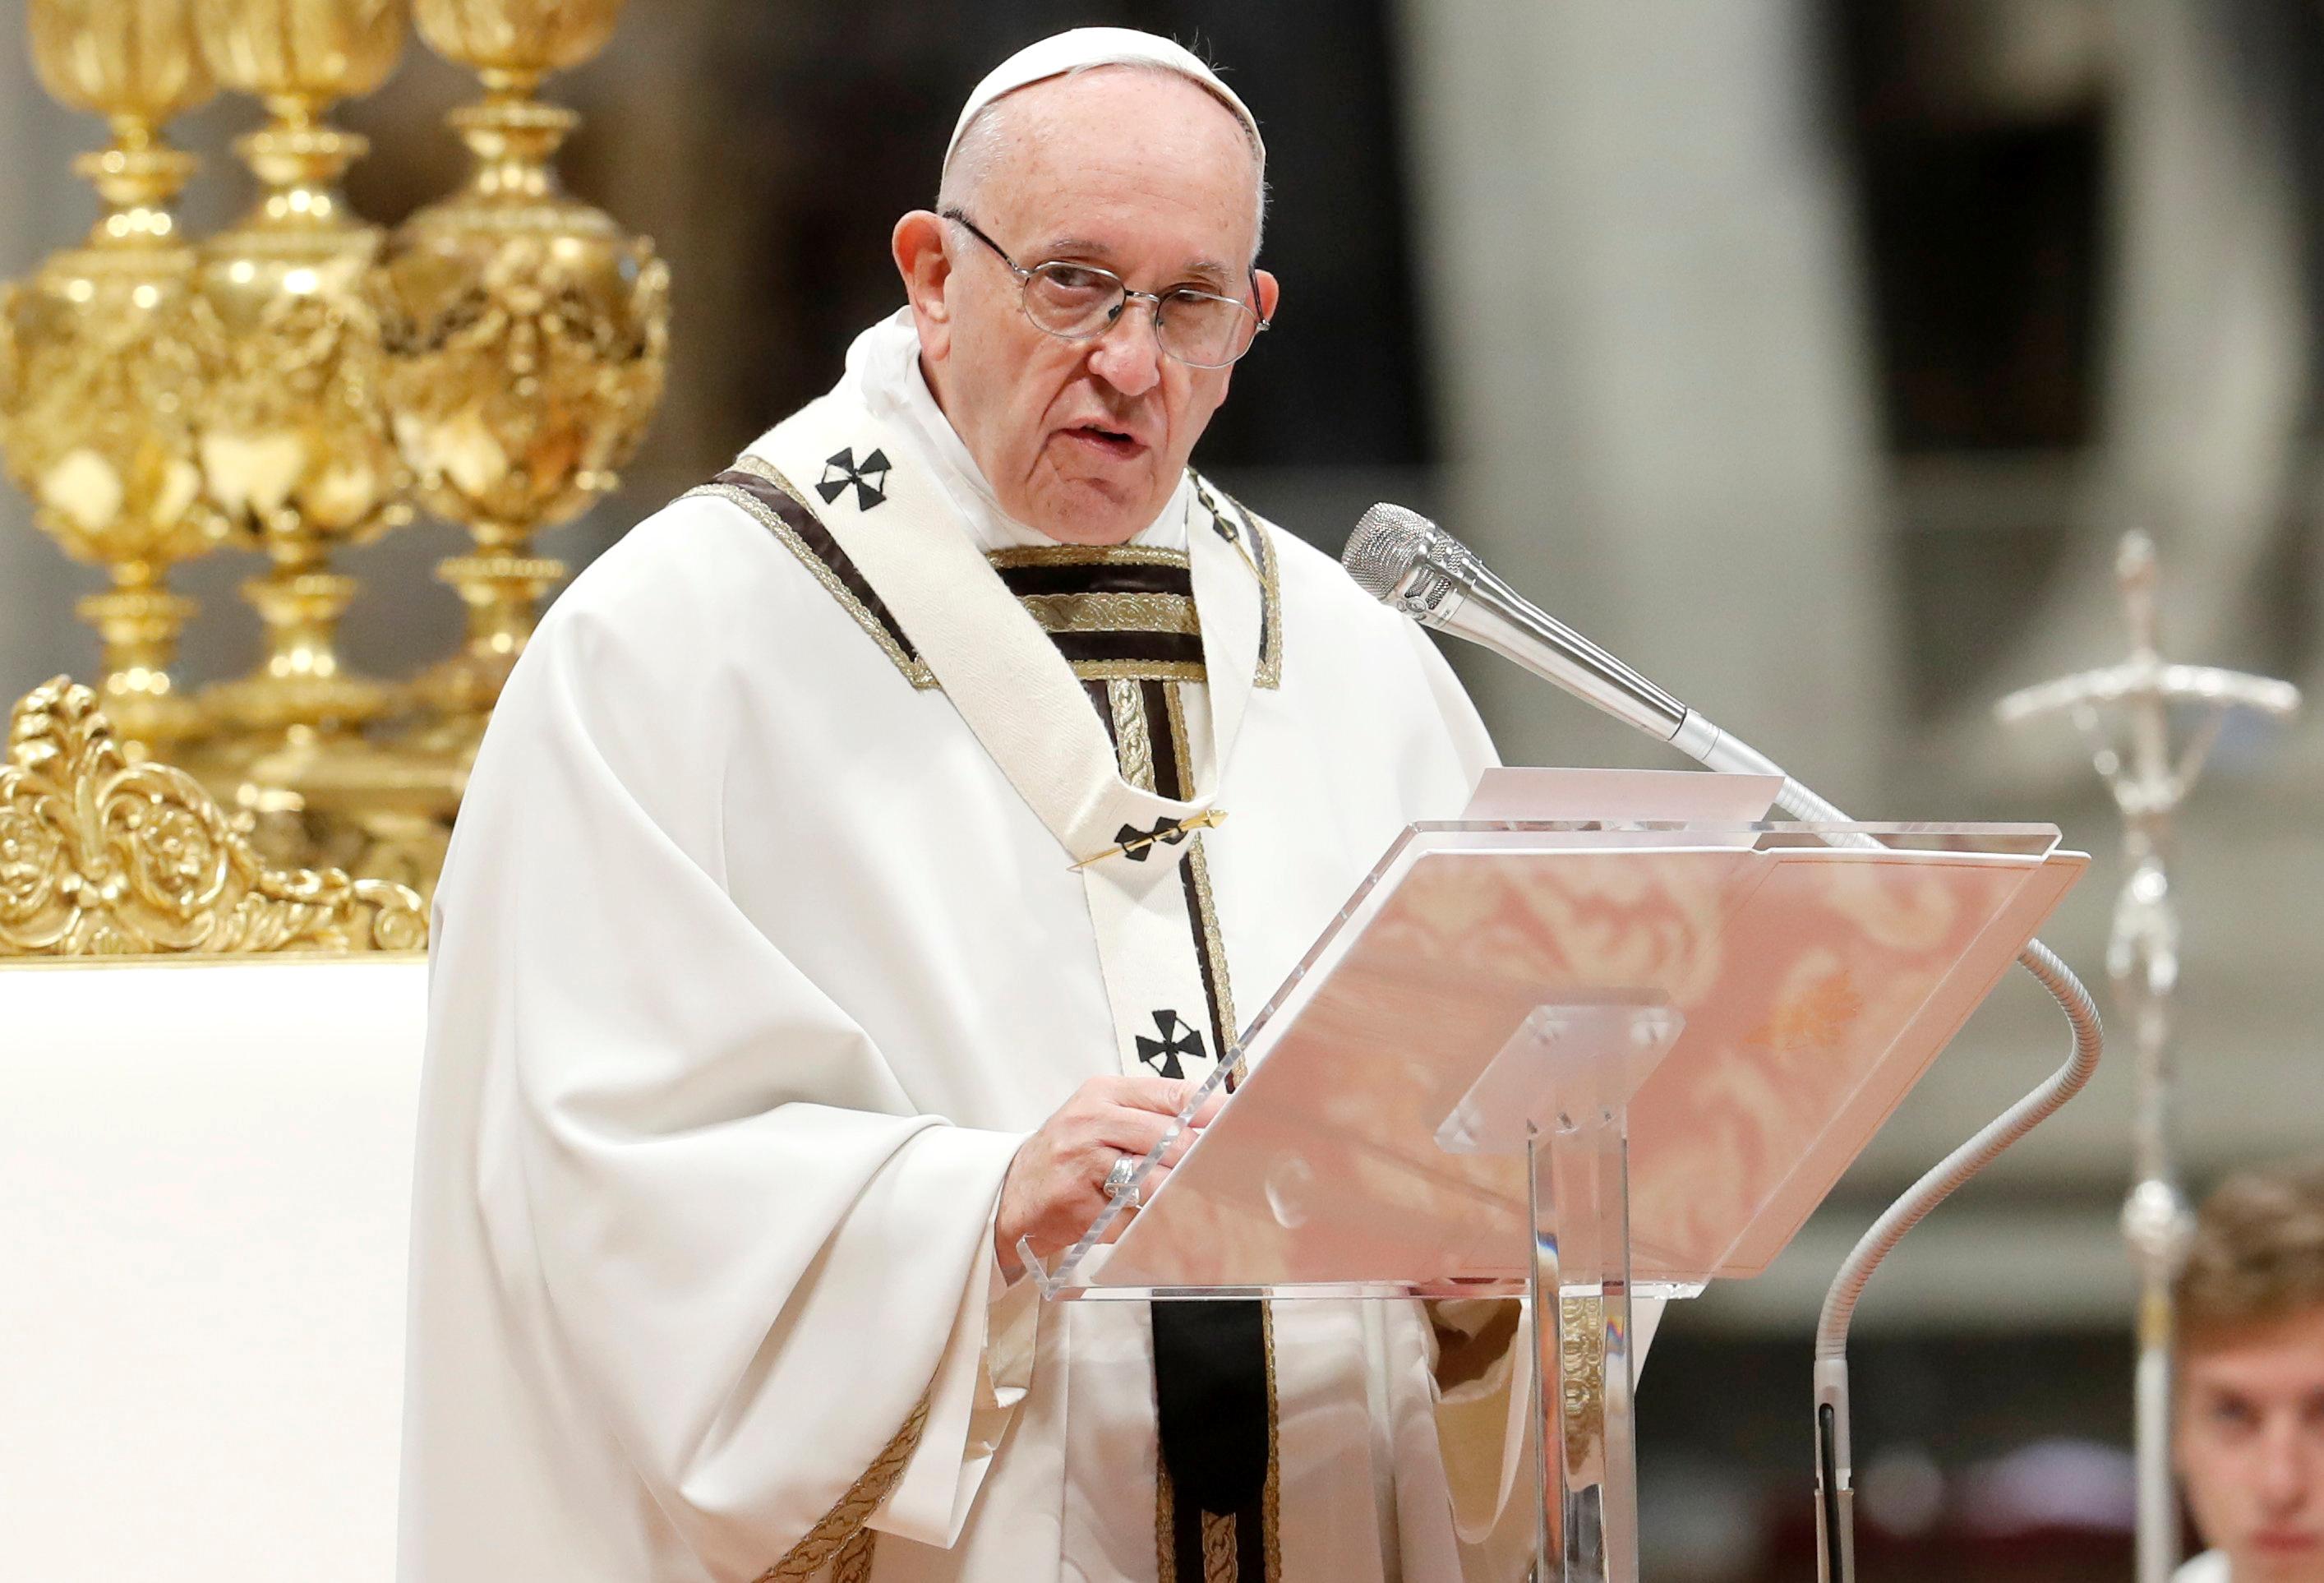 Políticos devem proteger os cidadãos, apela Papa Francisco